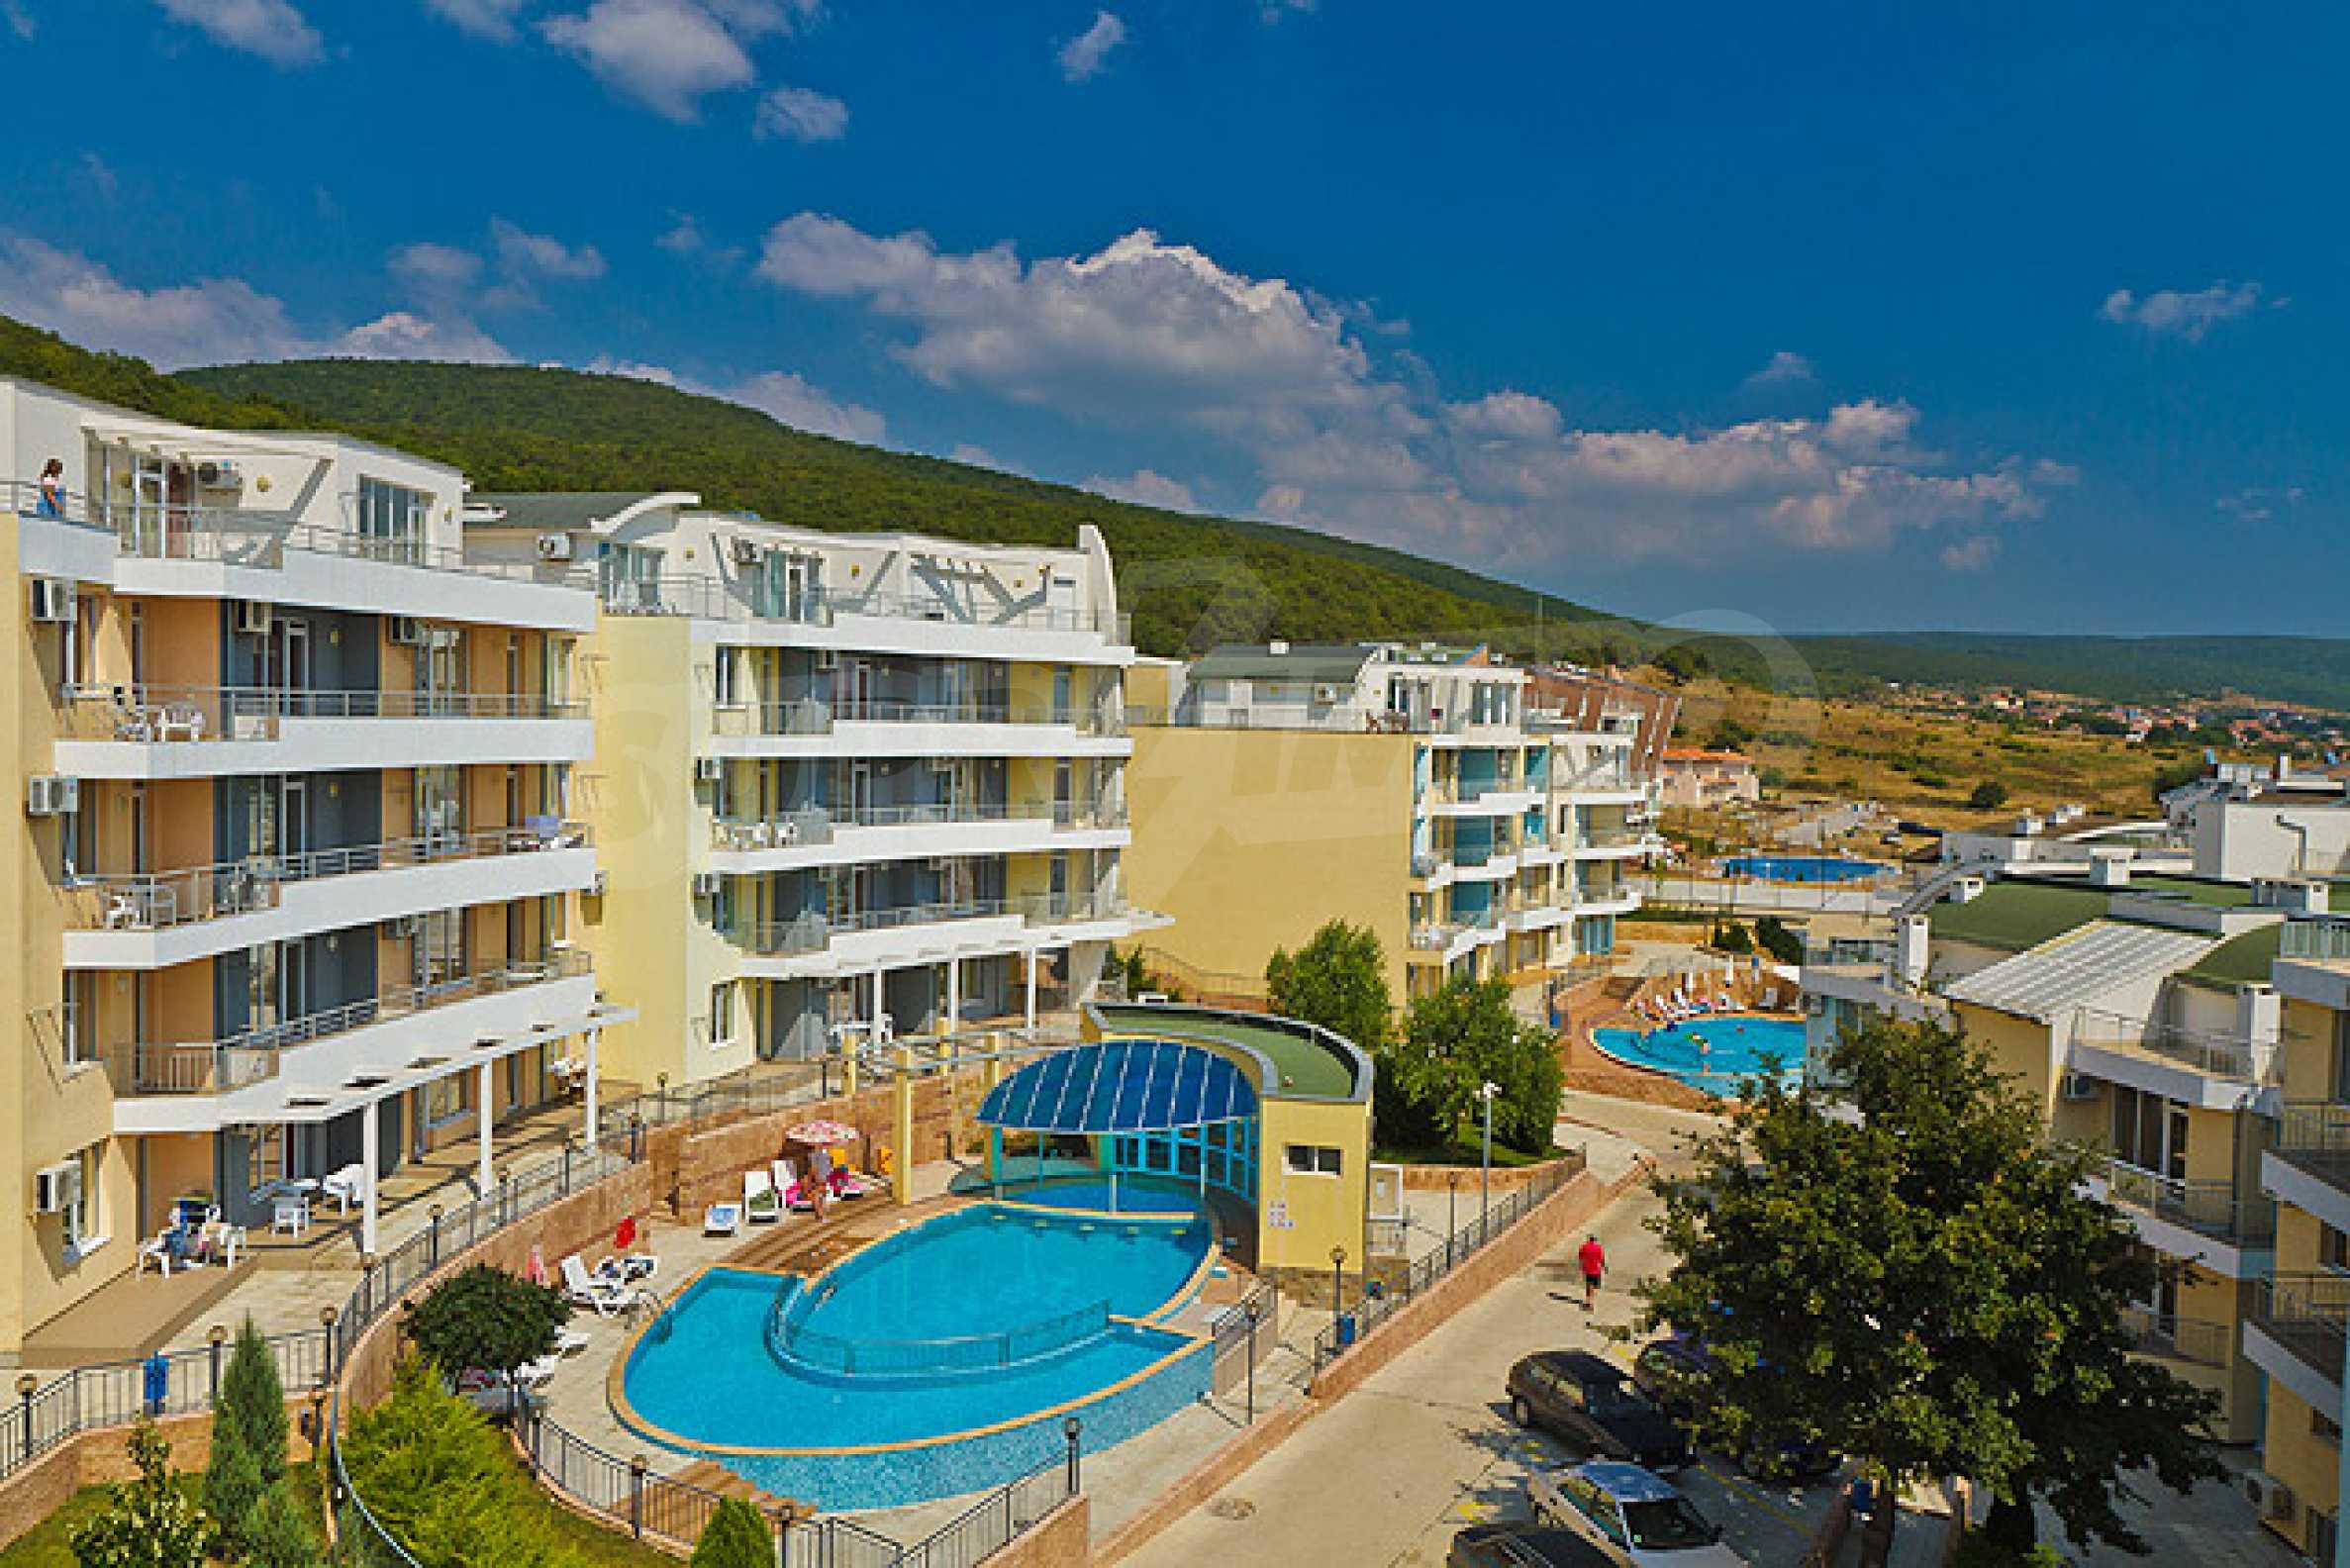 Sunset Kosharitsa - Apartments in einem attraktiven Berg- und Seekomplex, 5 Autominuten vom Sonnenstrand entfernt 39